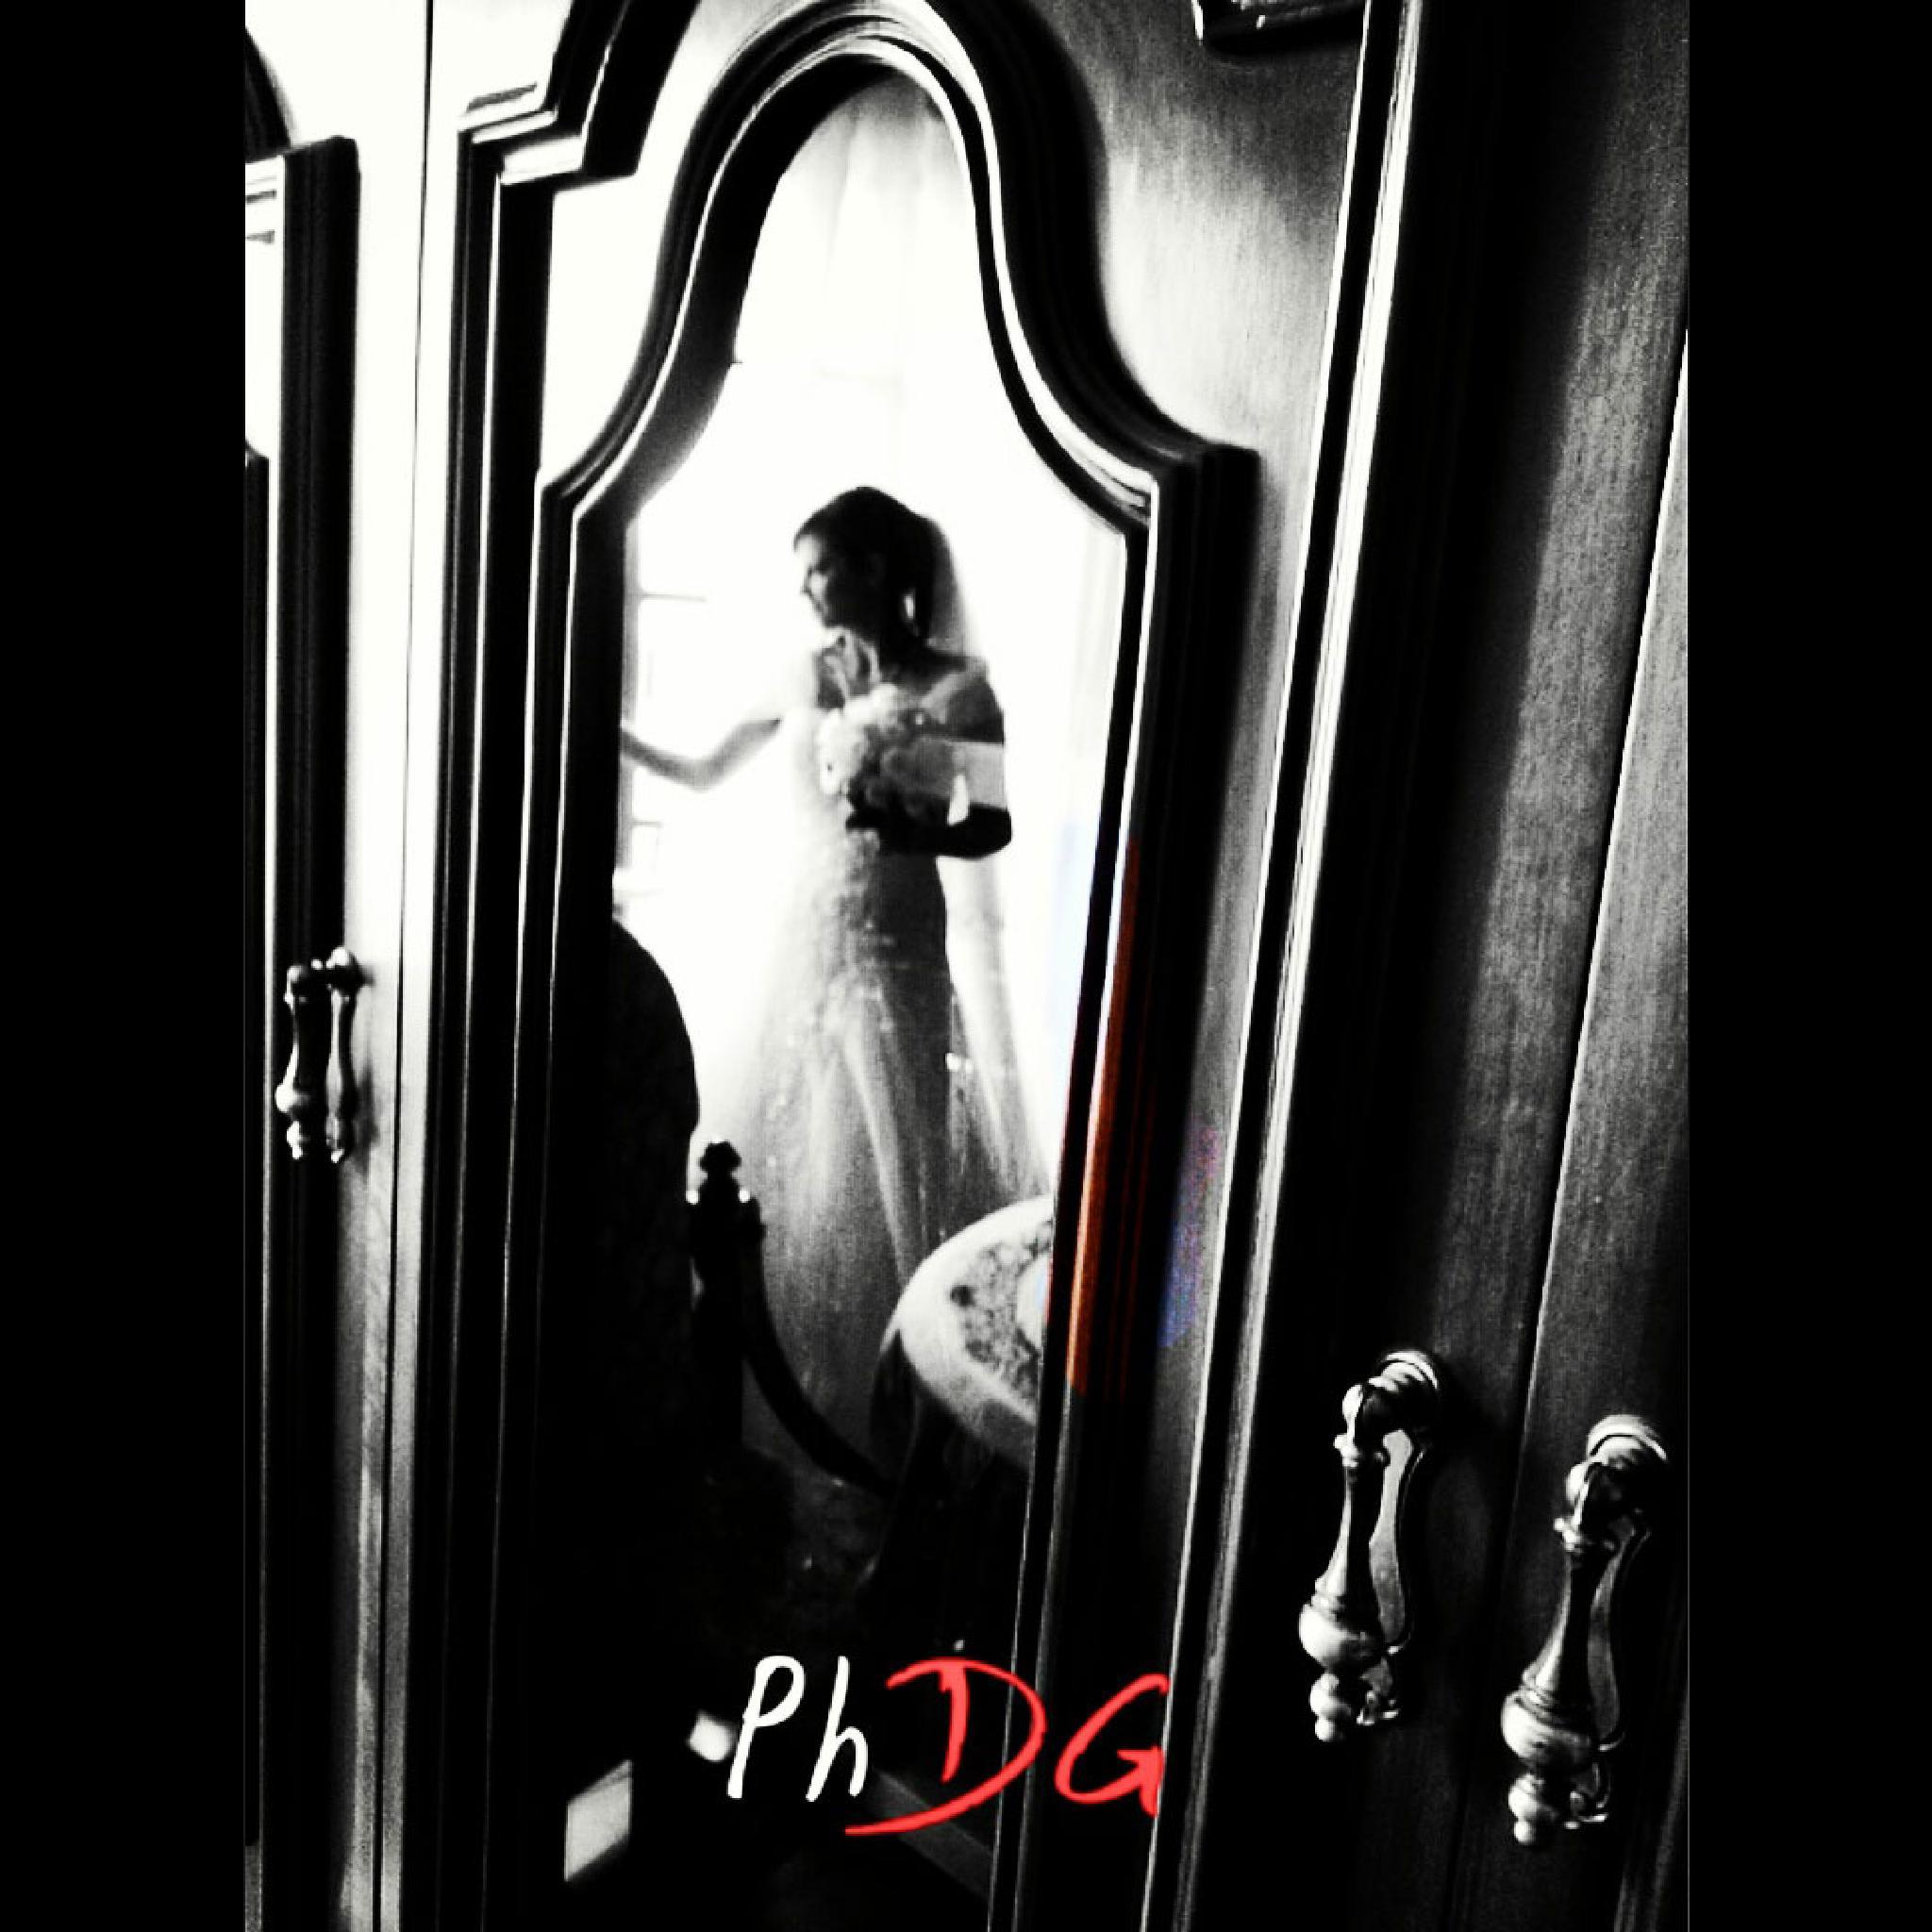 Mirror and Wedding by garrisidaniele